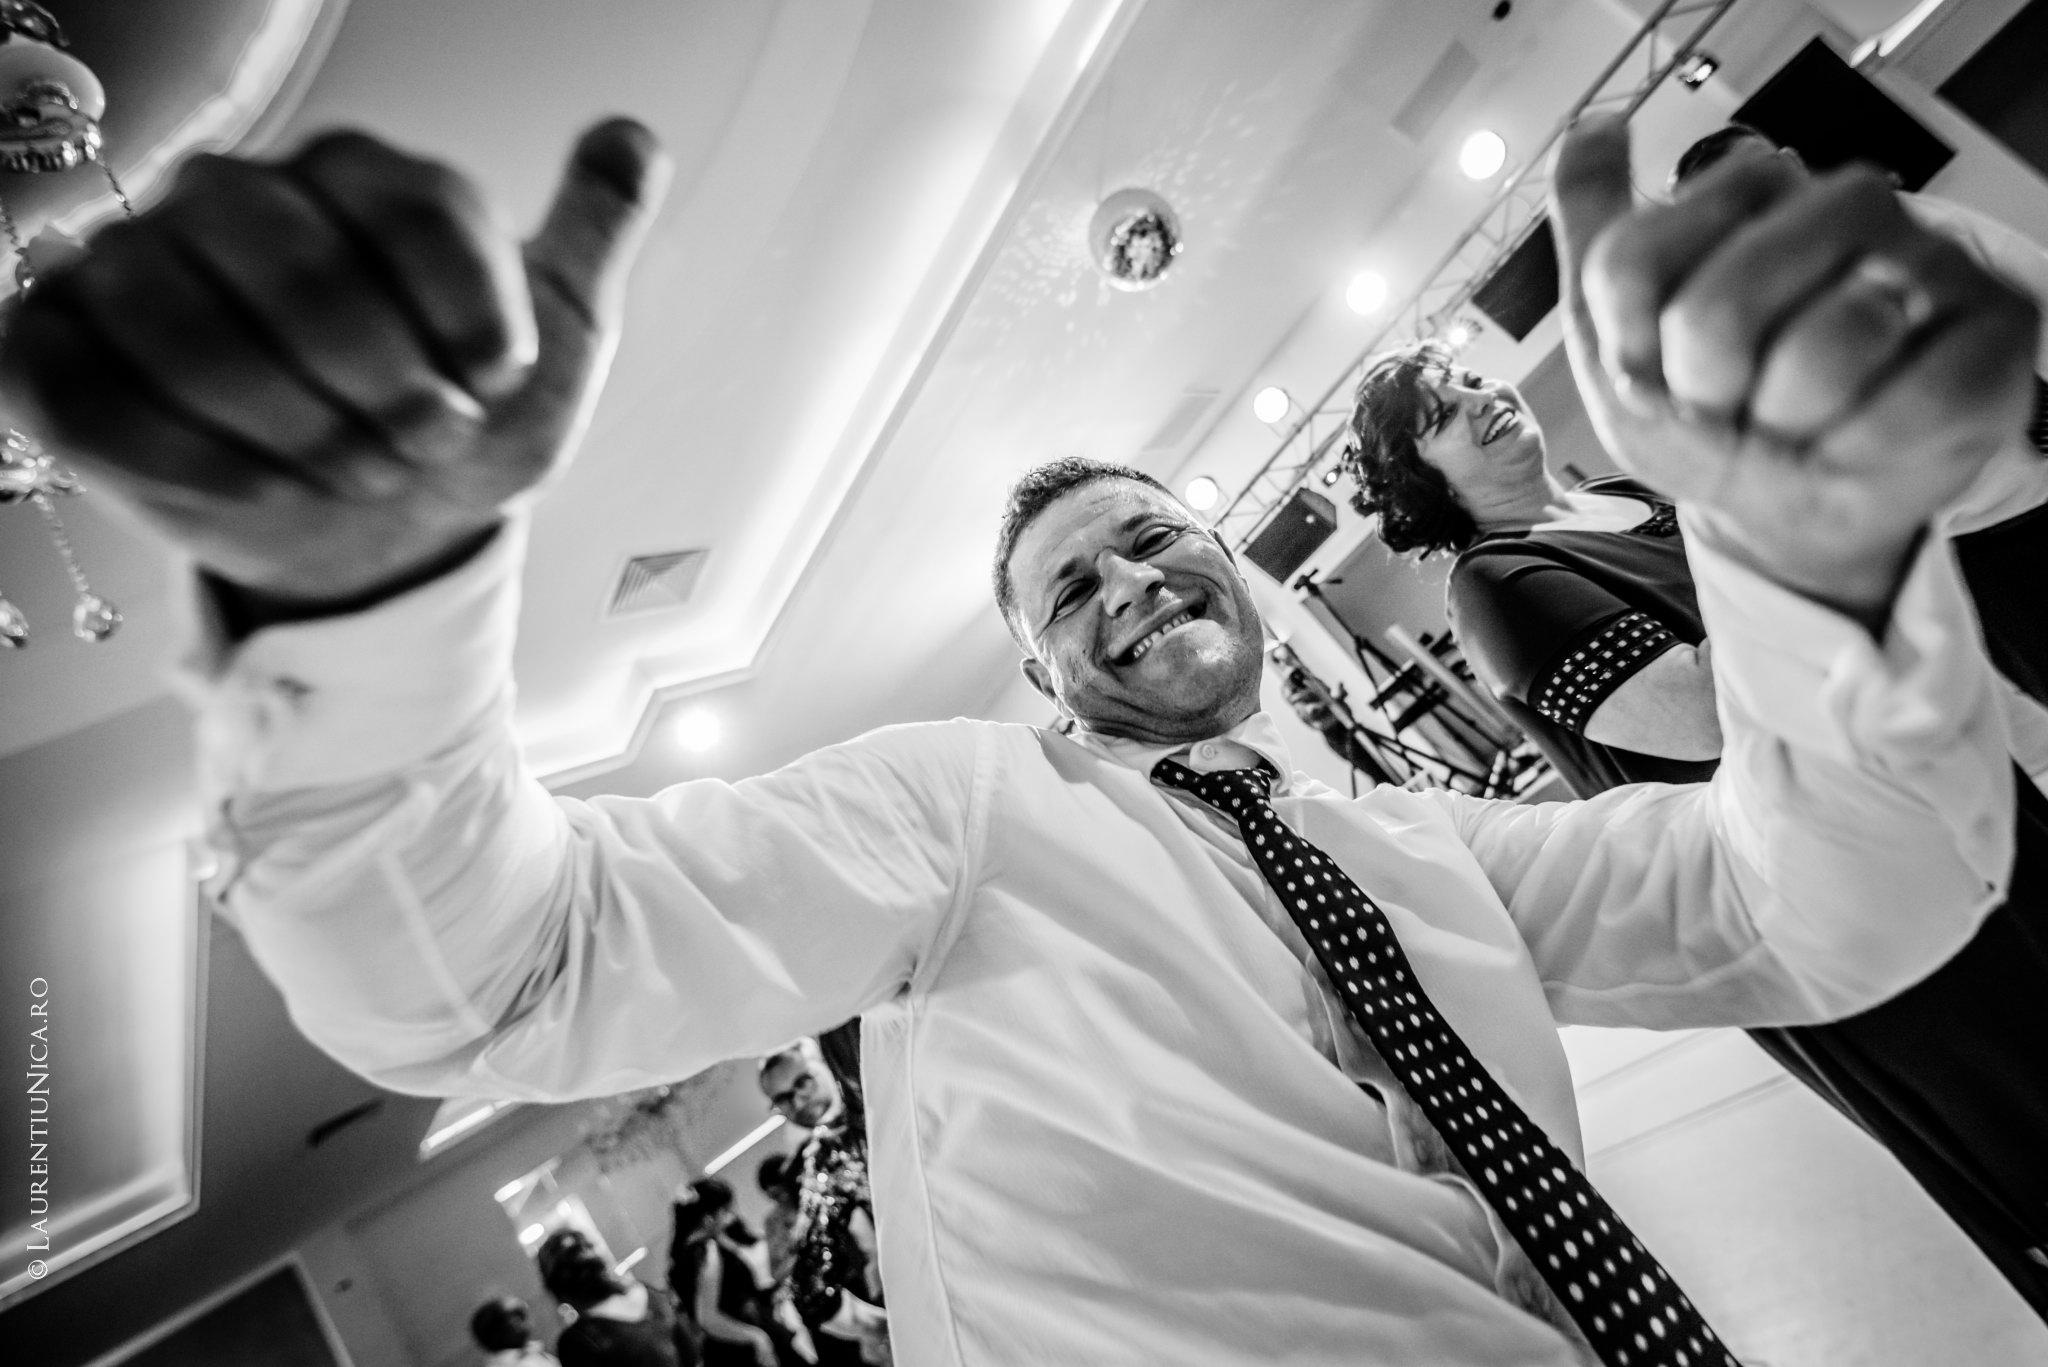 fotografii nunta denisa si florin craiova 44 - Denisa & Florin | Fotografii nunta | Craiova